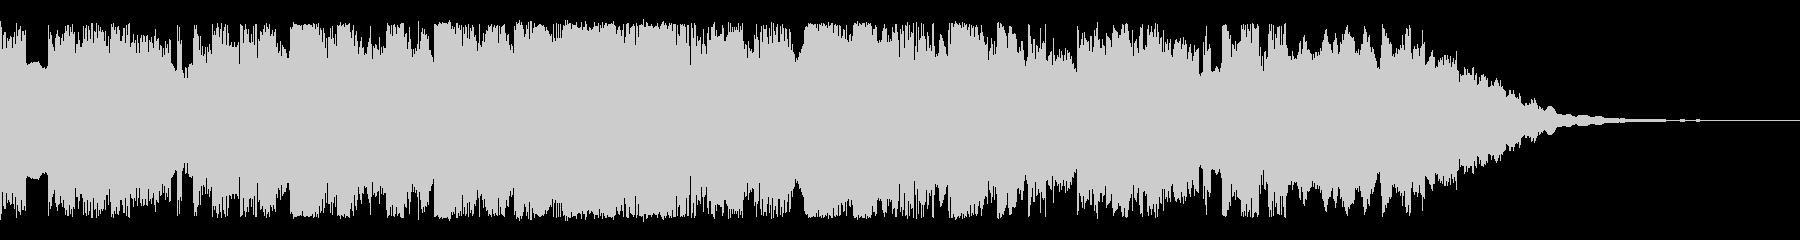 アンビエント 説明的 静か クール...の未再生の波形